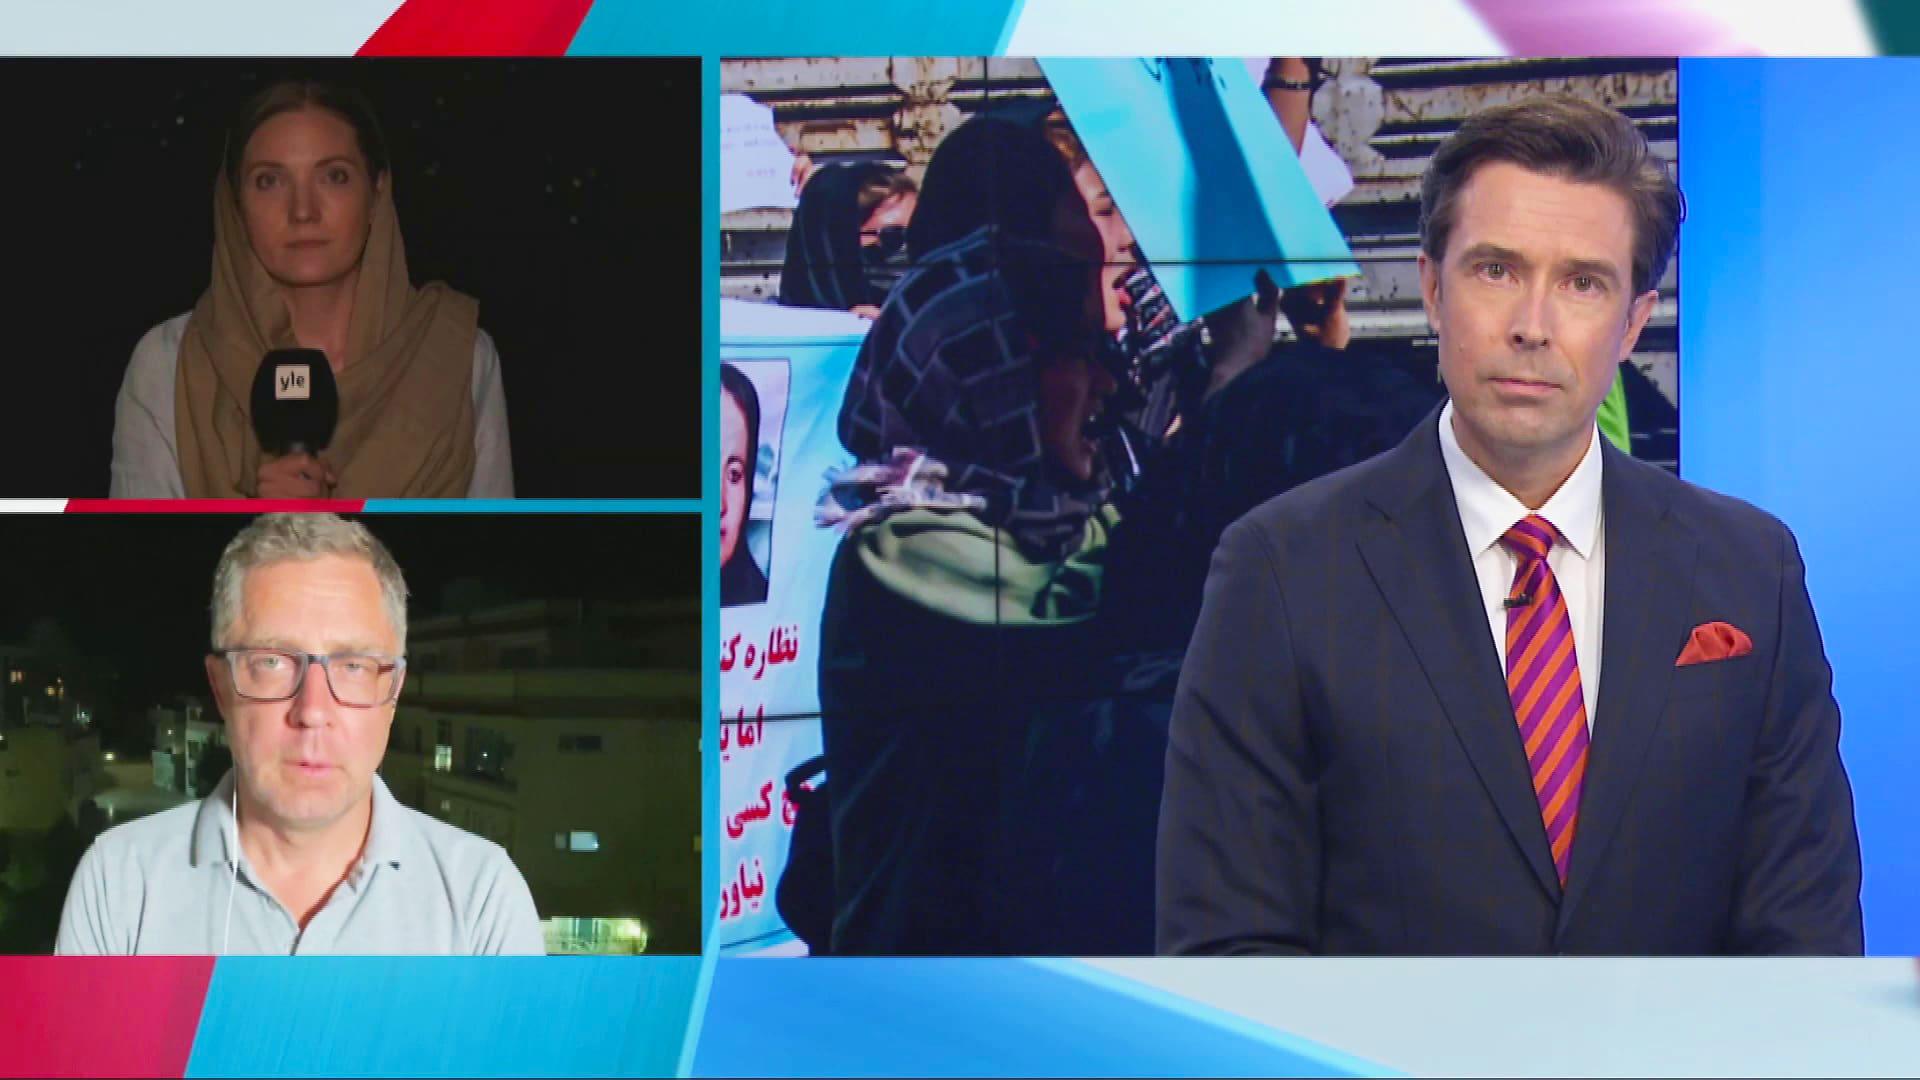 Yle Afganistanissa: Talibanilla täydellinen valta, Kabulissa kaduilla rauhallista